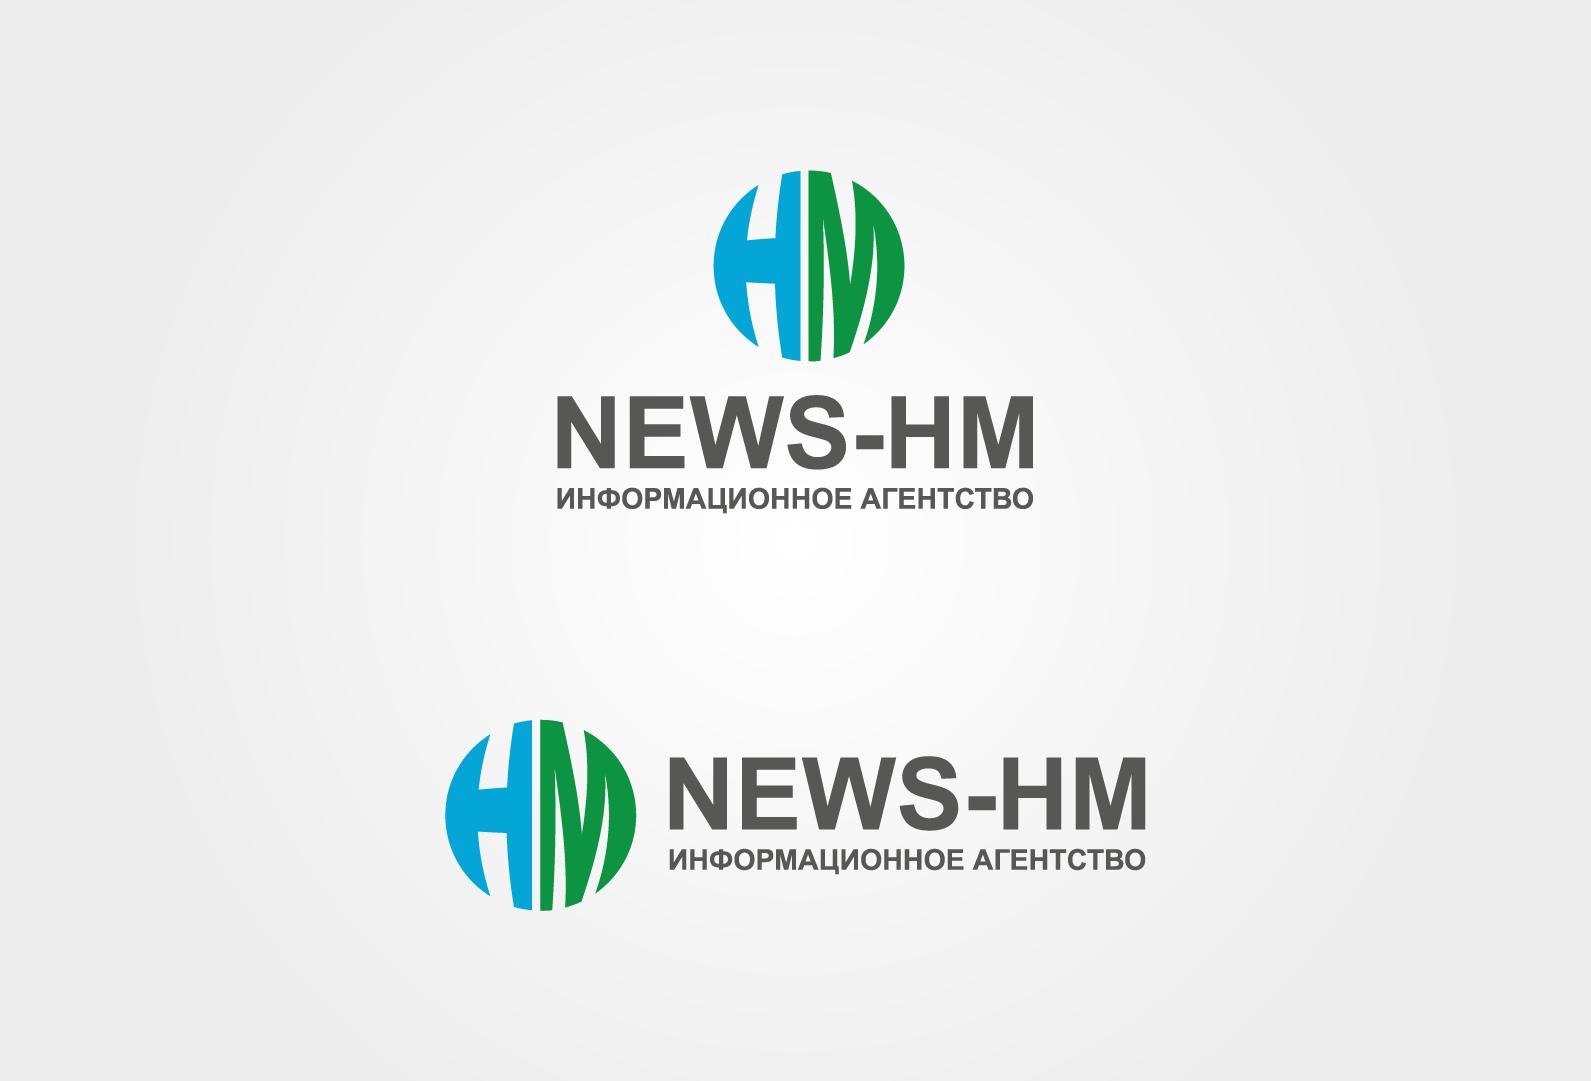 Логотип для информационного агентства фото f_2605aa688fc6fadd.png